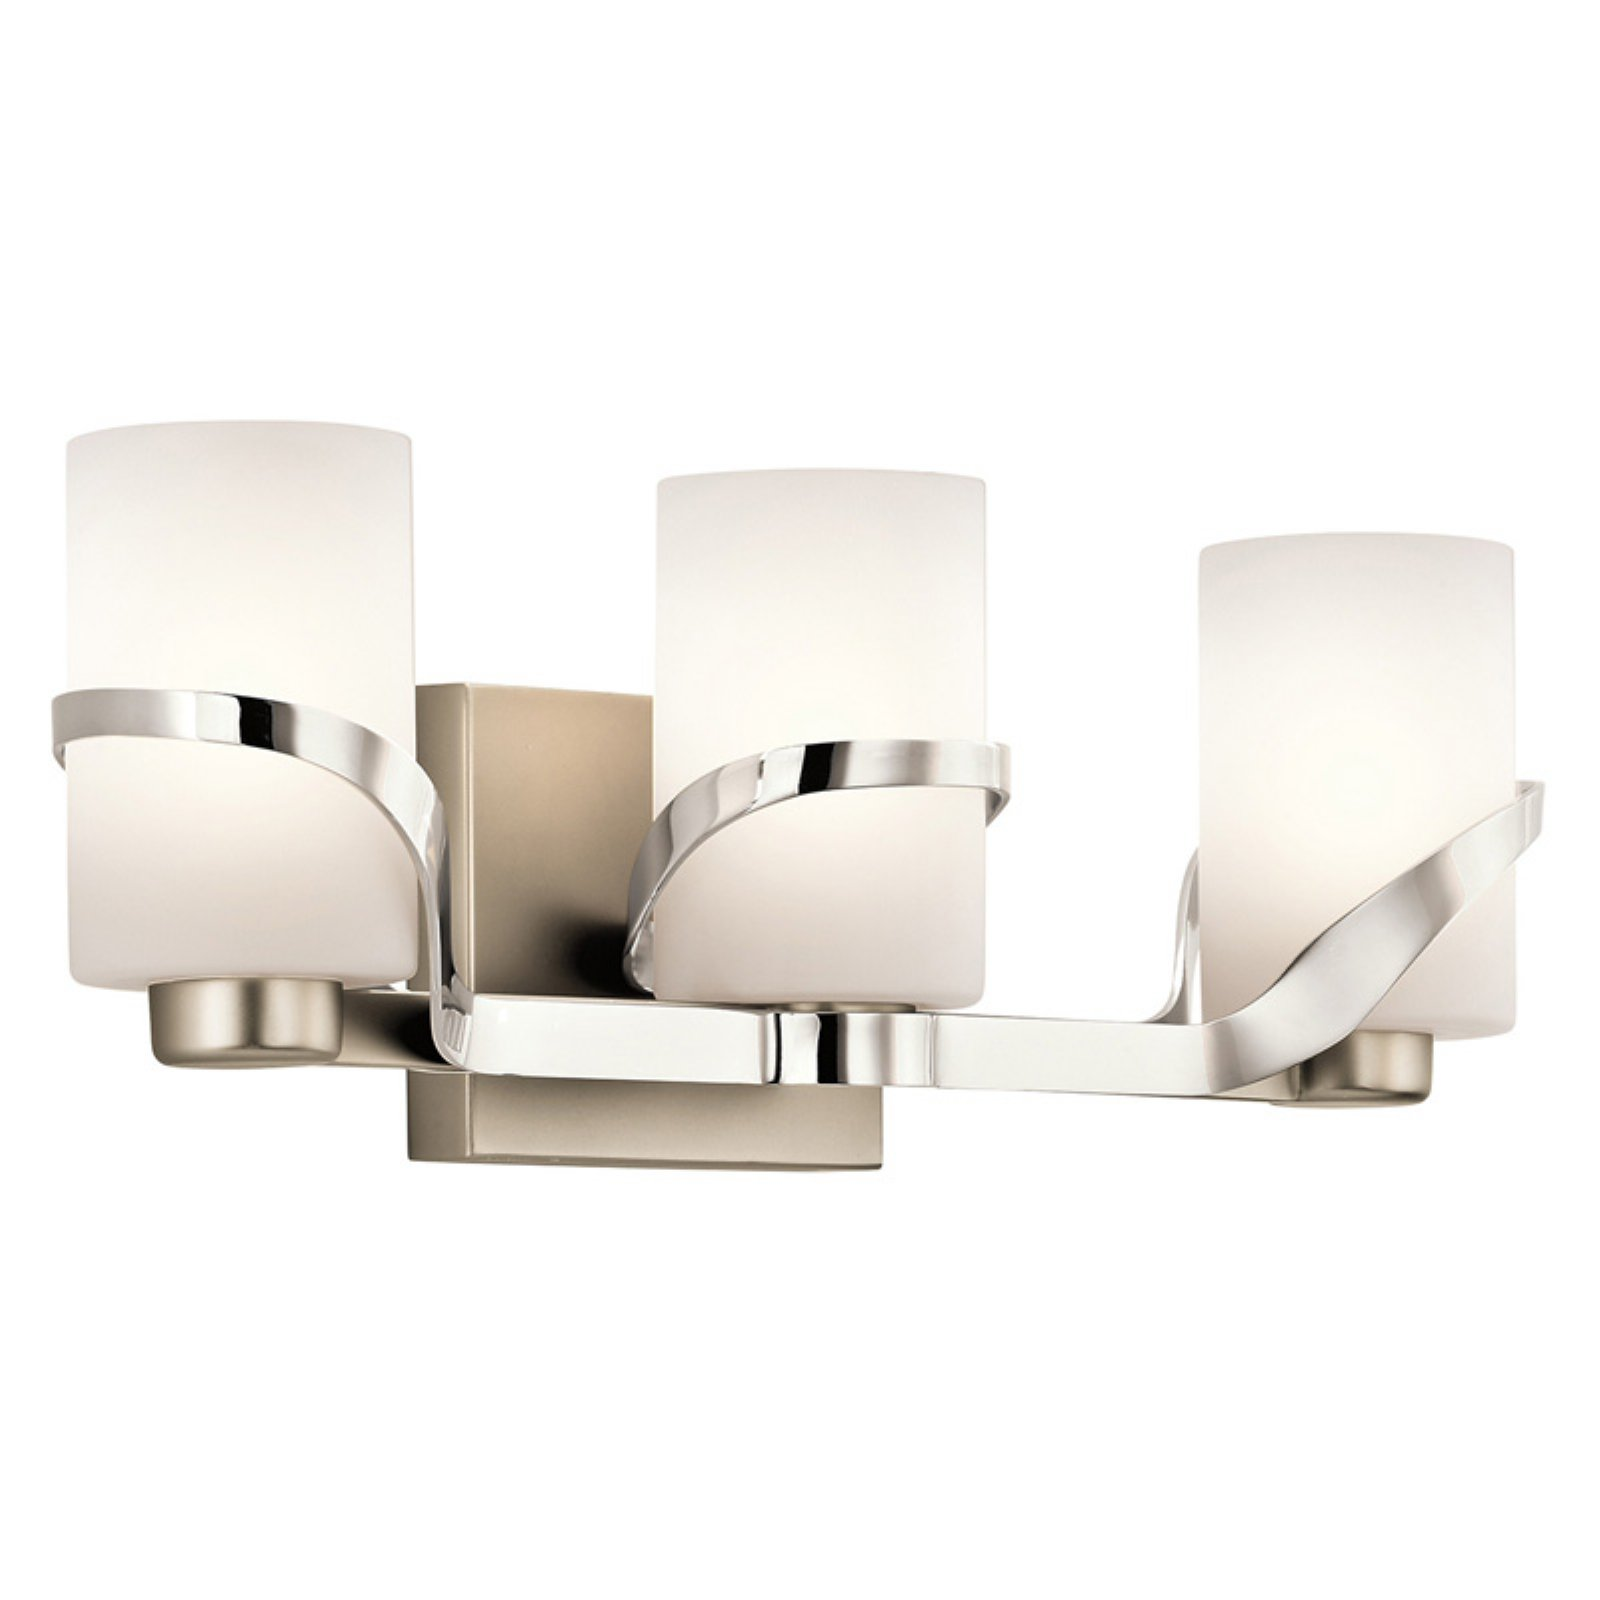 Kichler stelata 45629pn 3 light bathroom vanity light